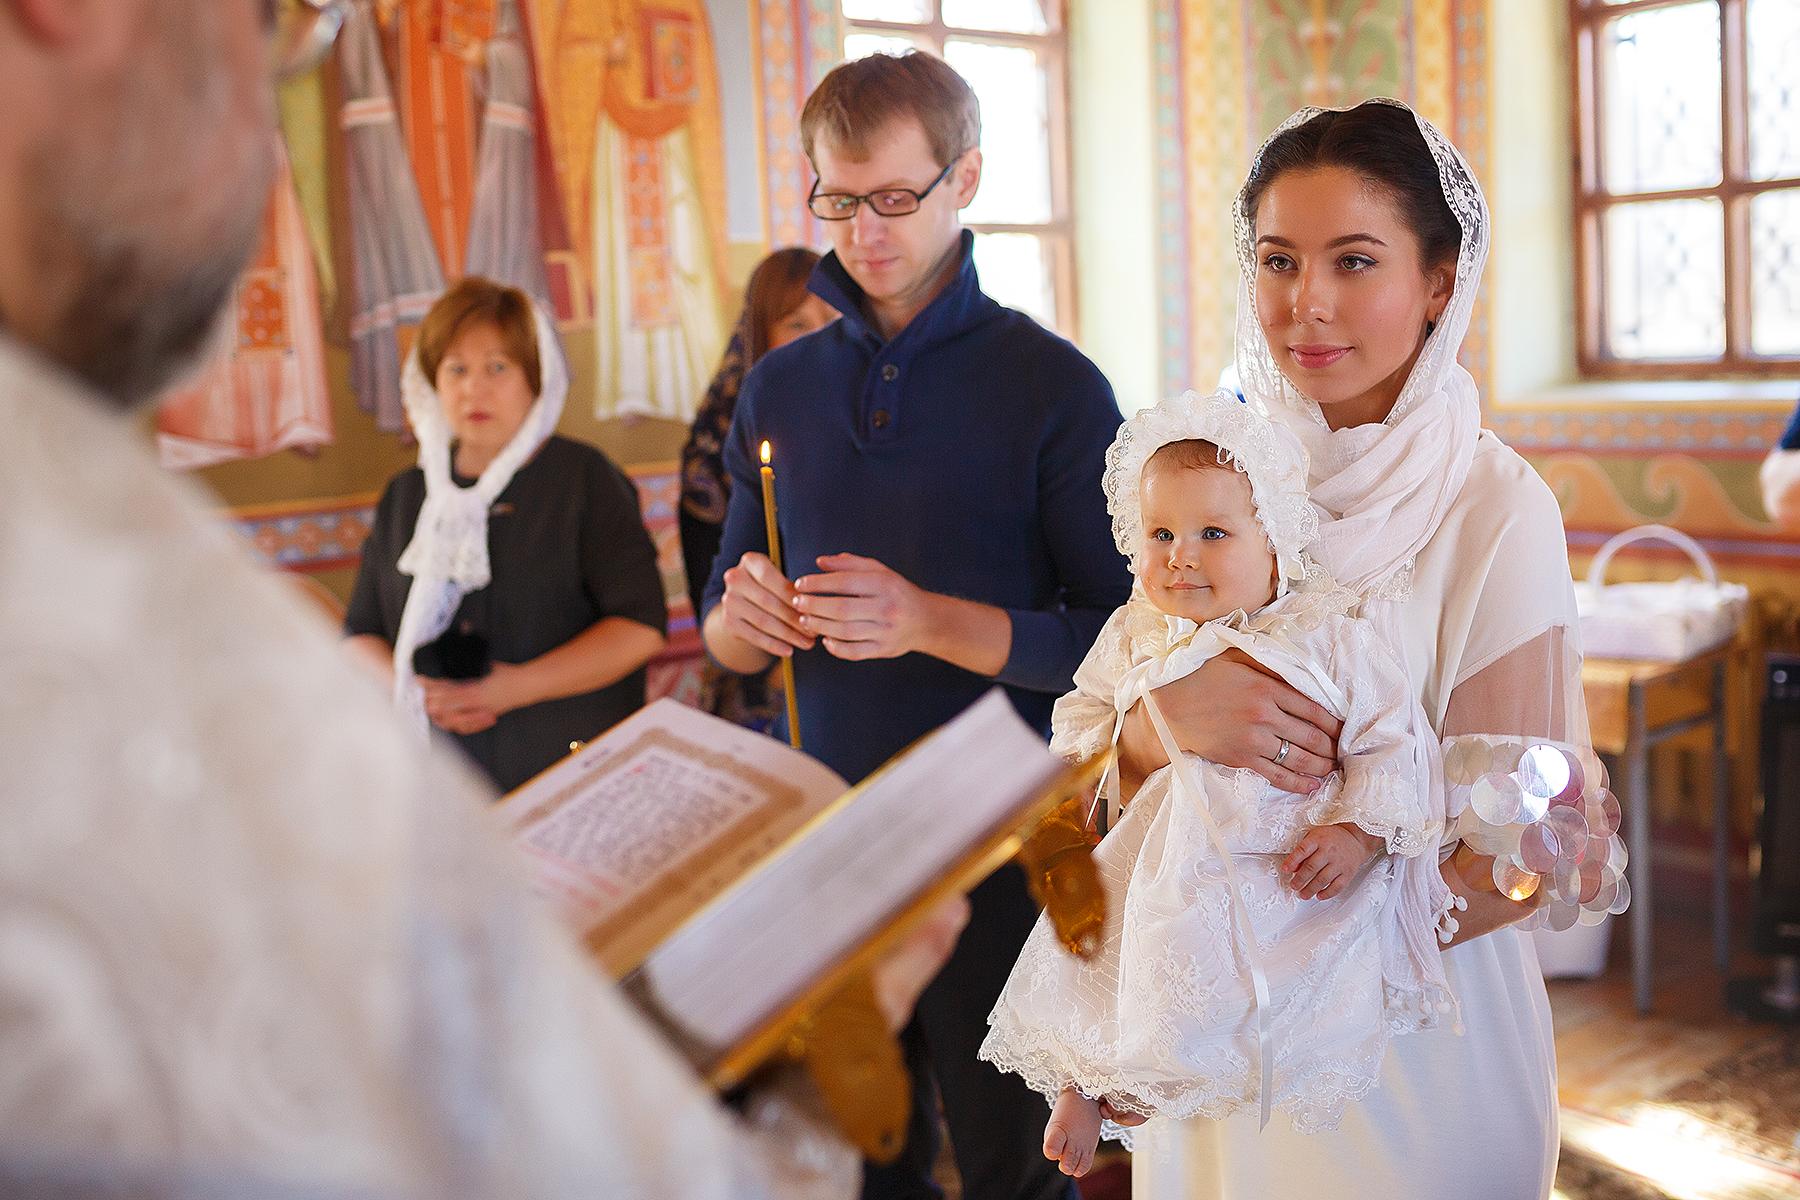 Молитвы при крещении ребенка: для крестных, молитва символ веры